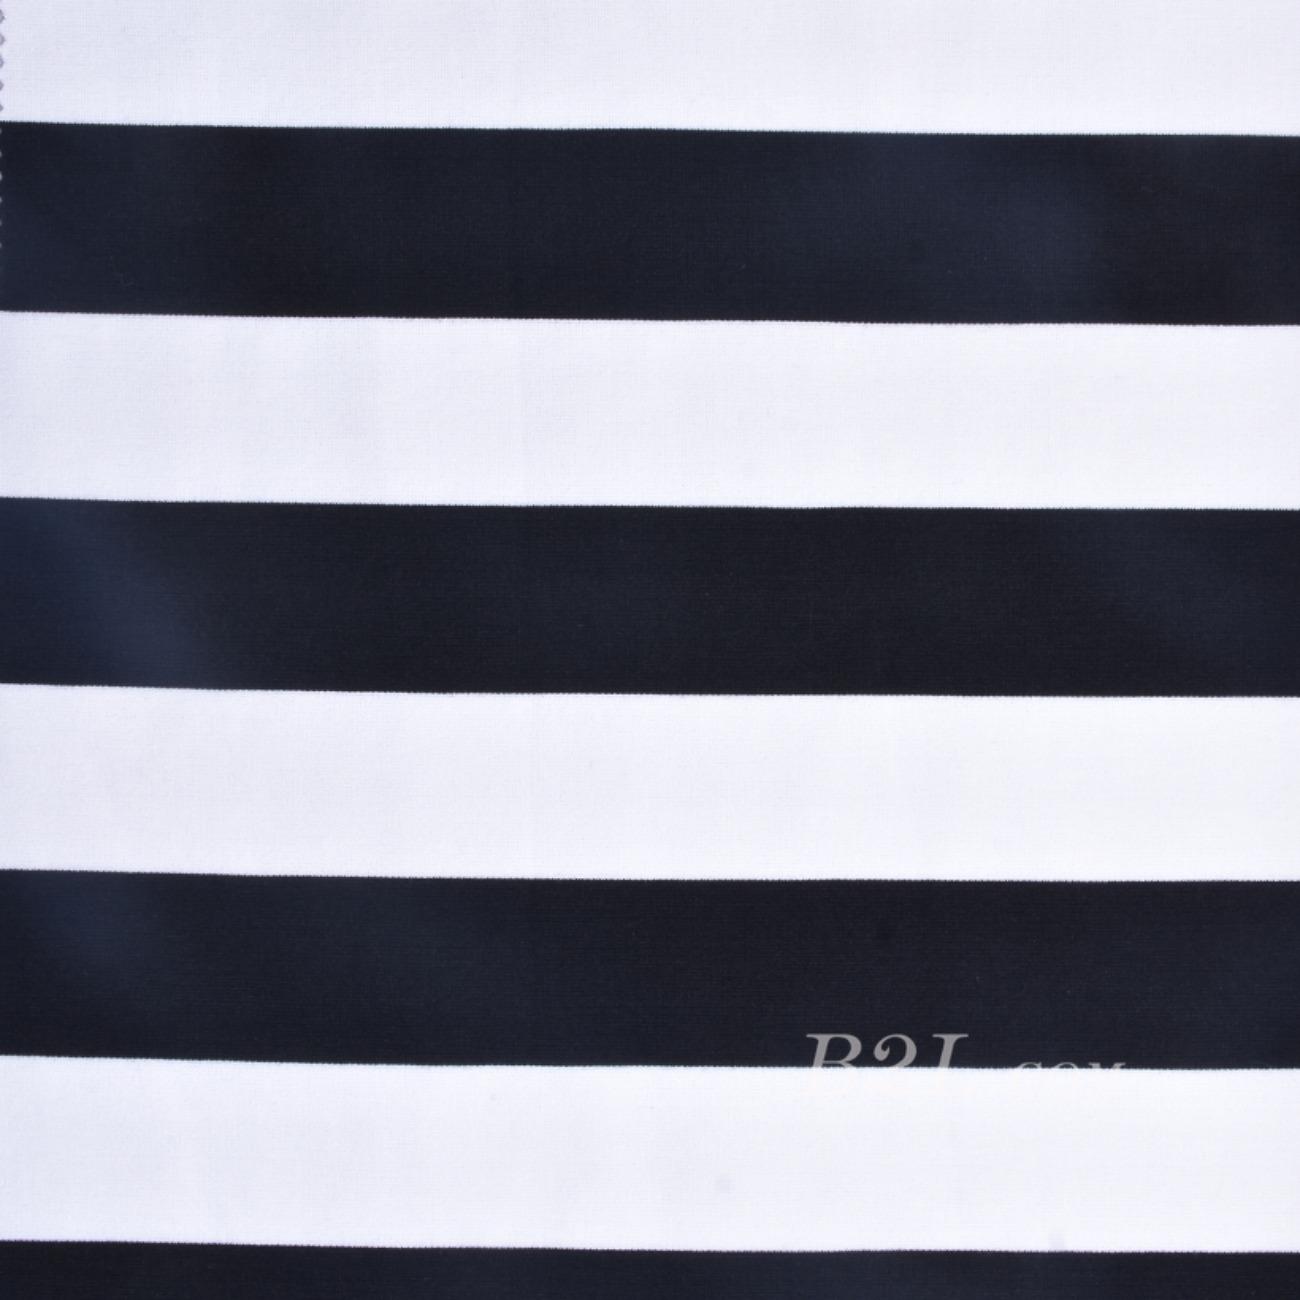 圓機緯編條紋針織橫條彈力面料—期貨棉感連衣裙T恤針織衫60311-2